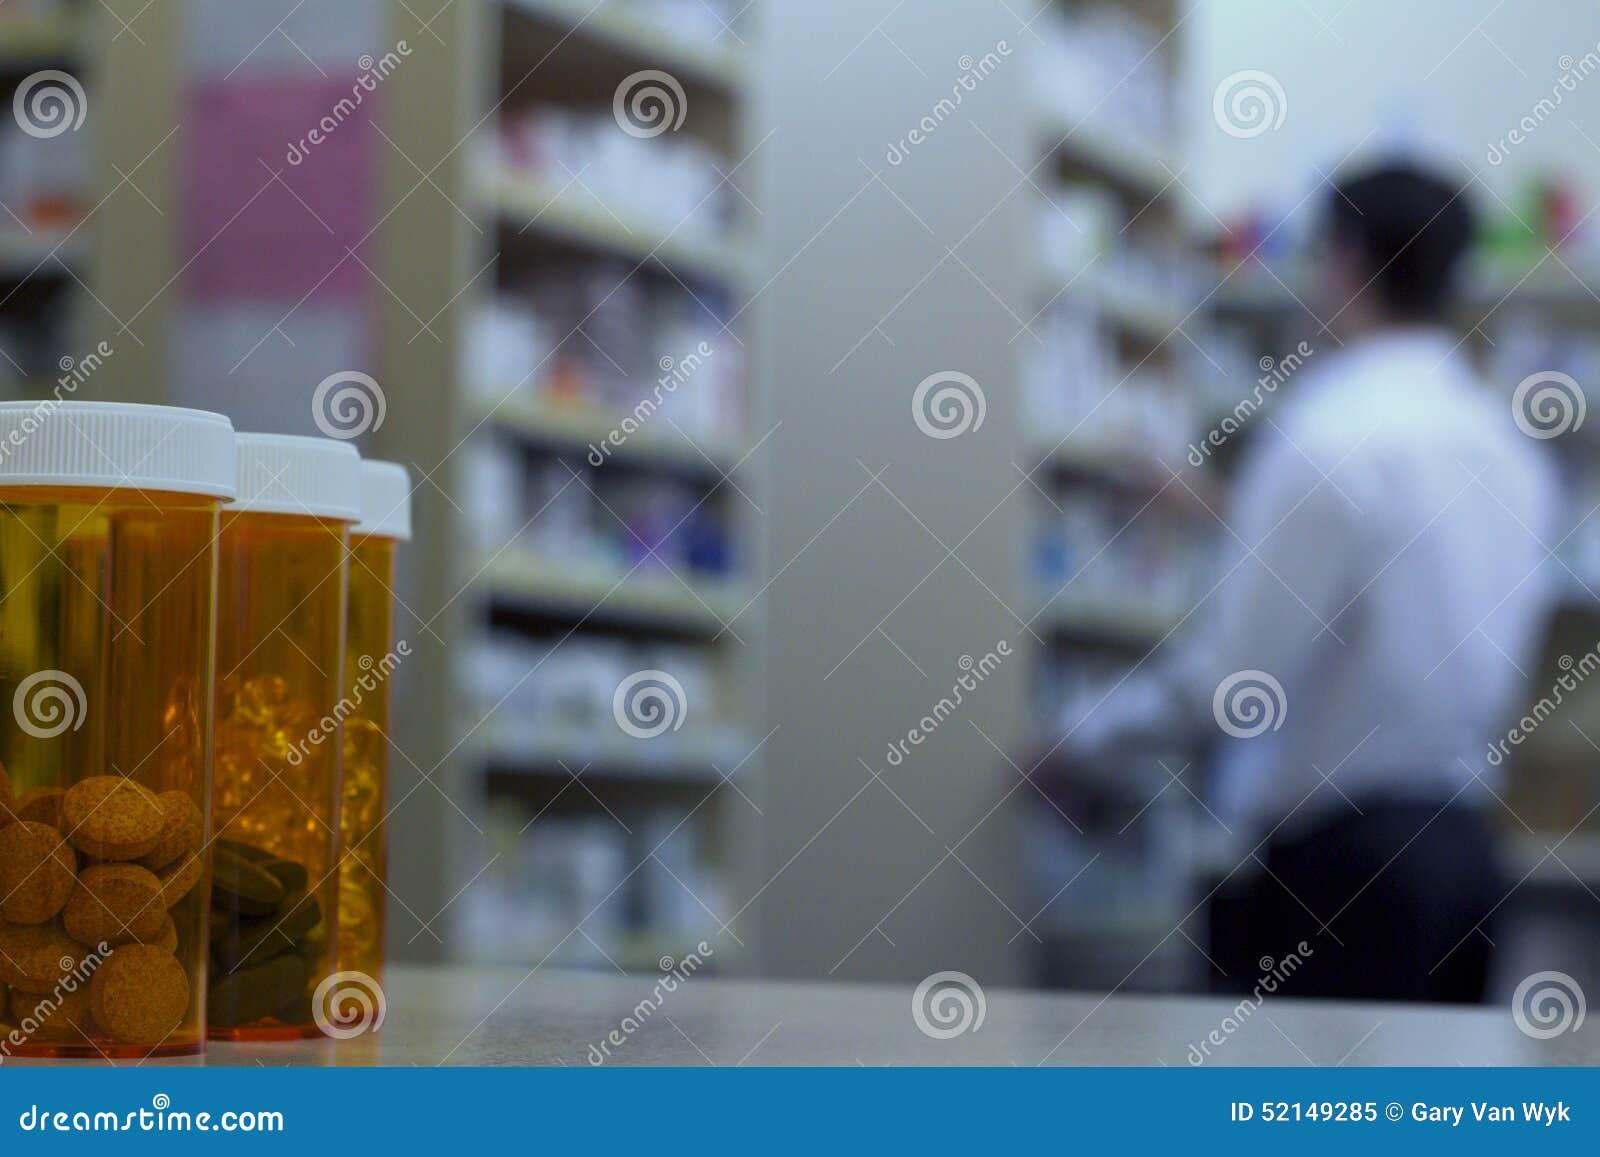 Μπουκάλια χαπιών σε έναν μετρητή φαρμακείων με το φαρμακοποιό στο υπόβαθρο